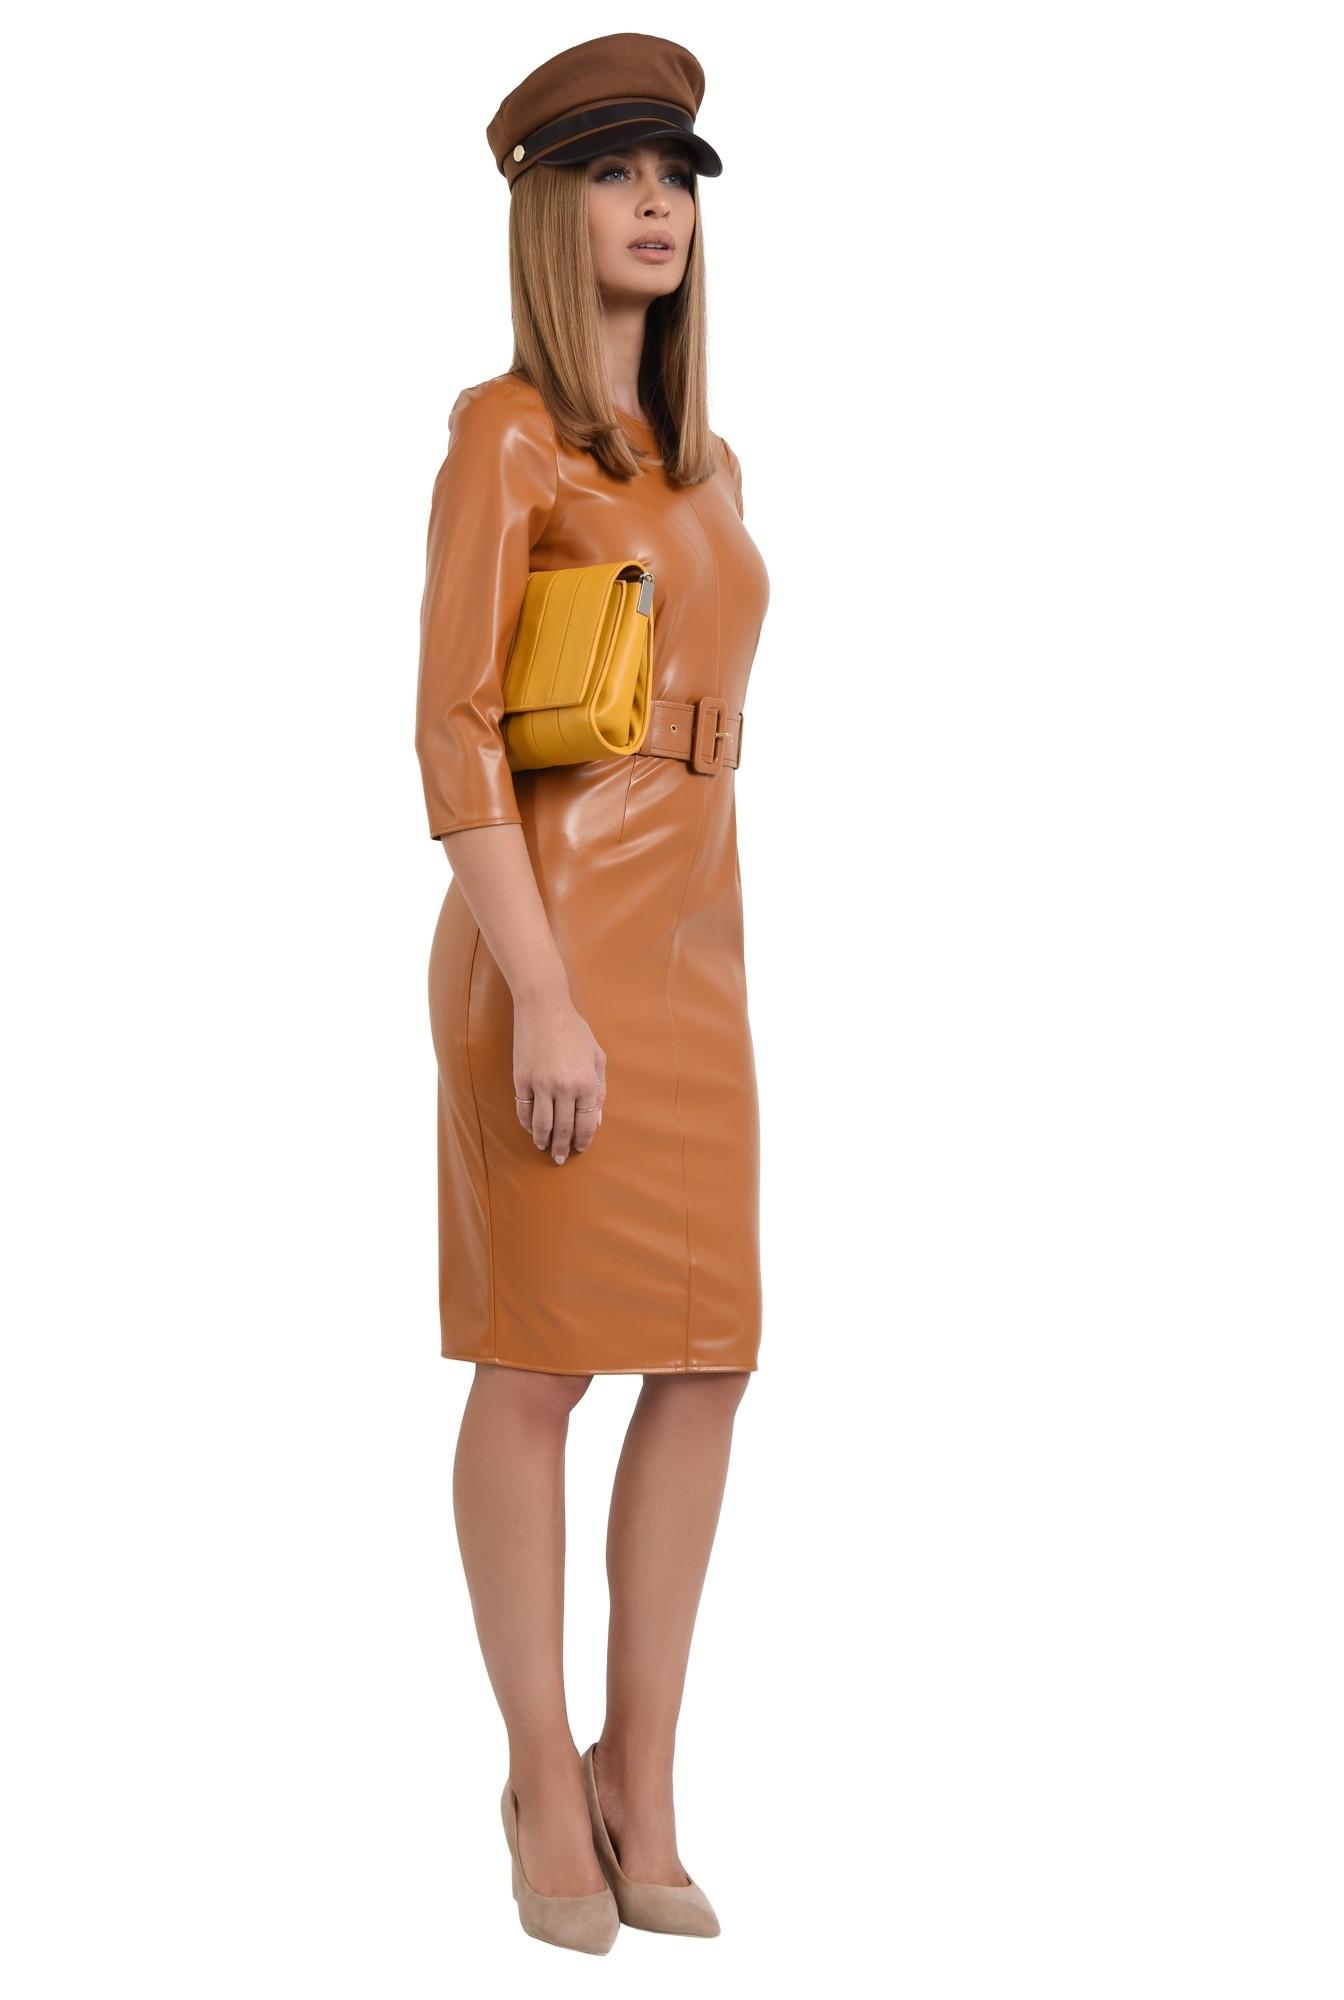 0 - rochie casual, conica, cu centura, camel, PU, piele eco